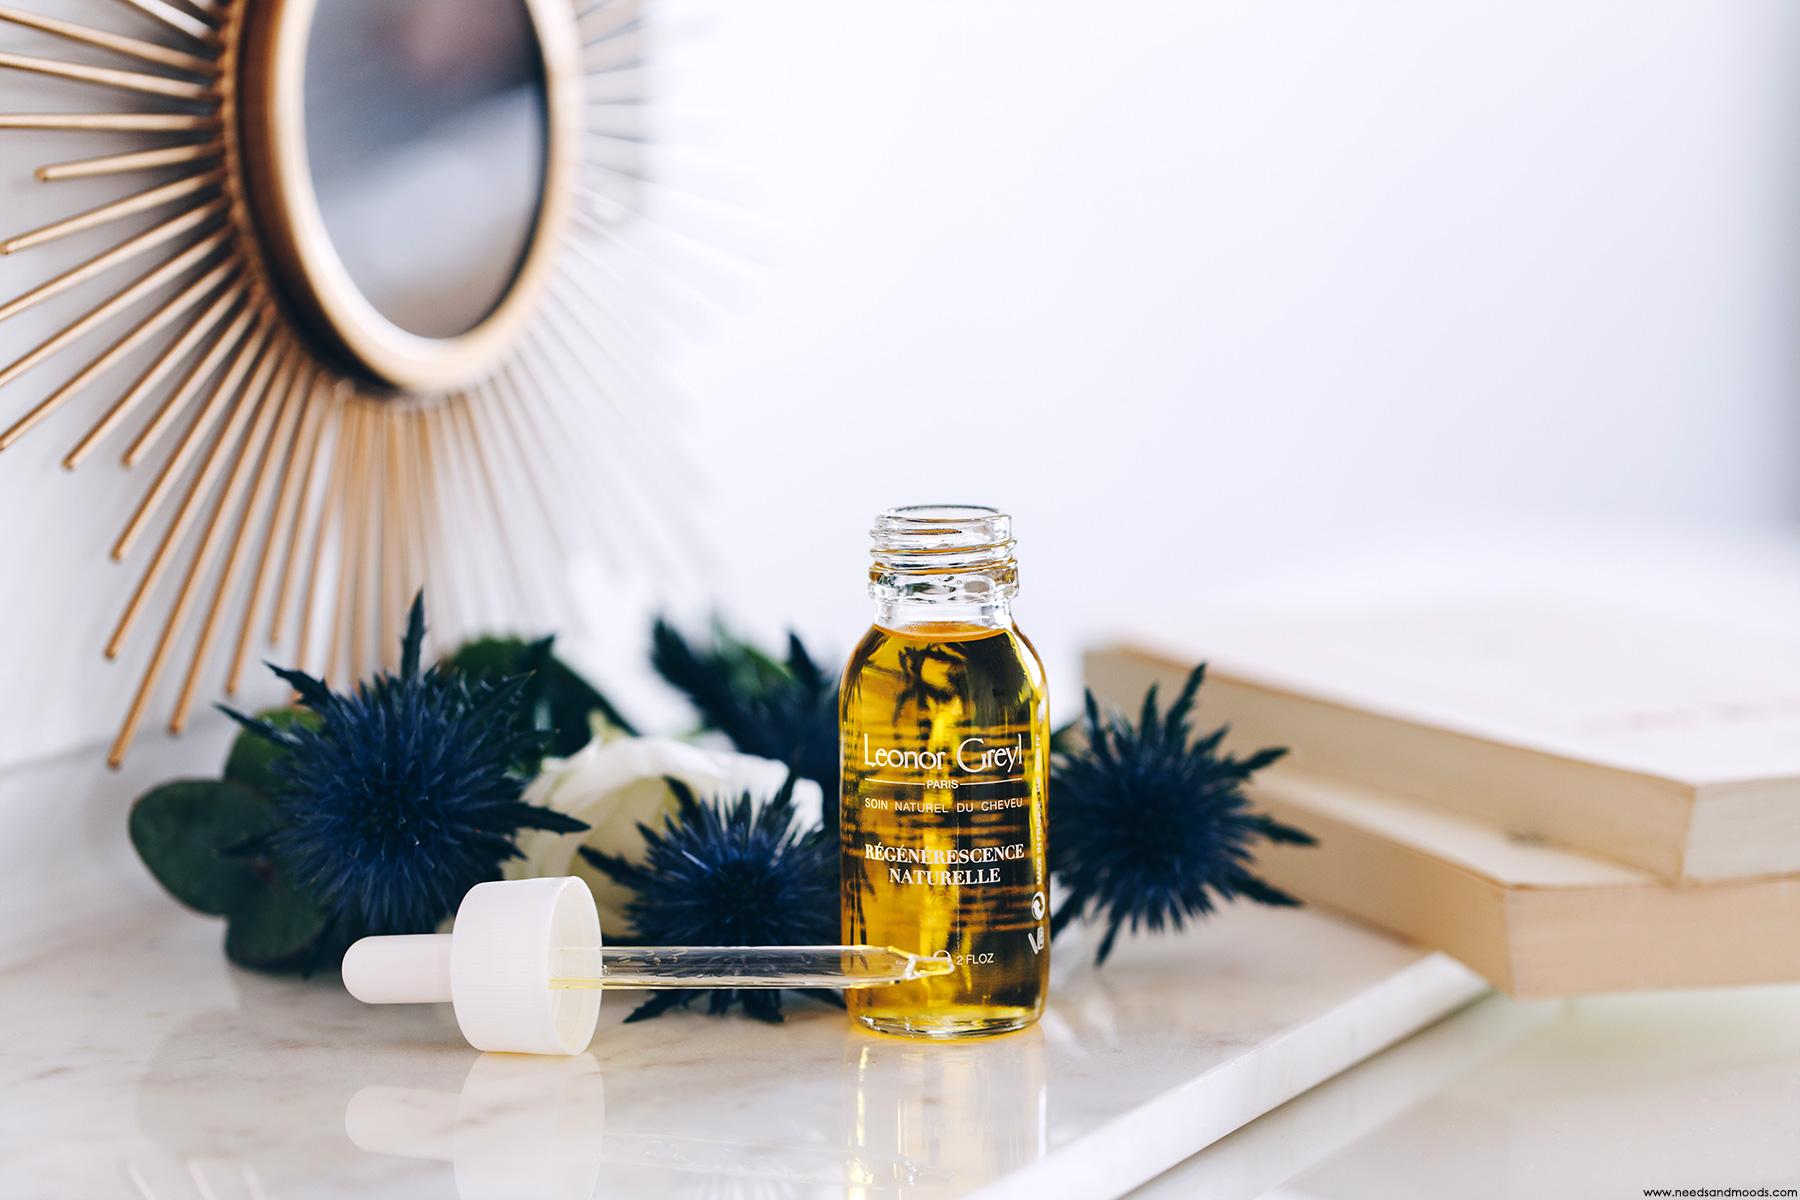 leonor greyl huile regenerescence naturelle